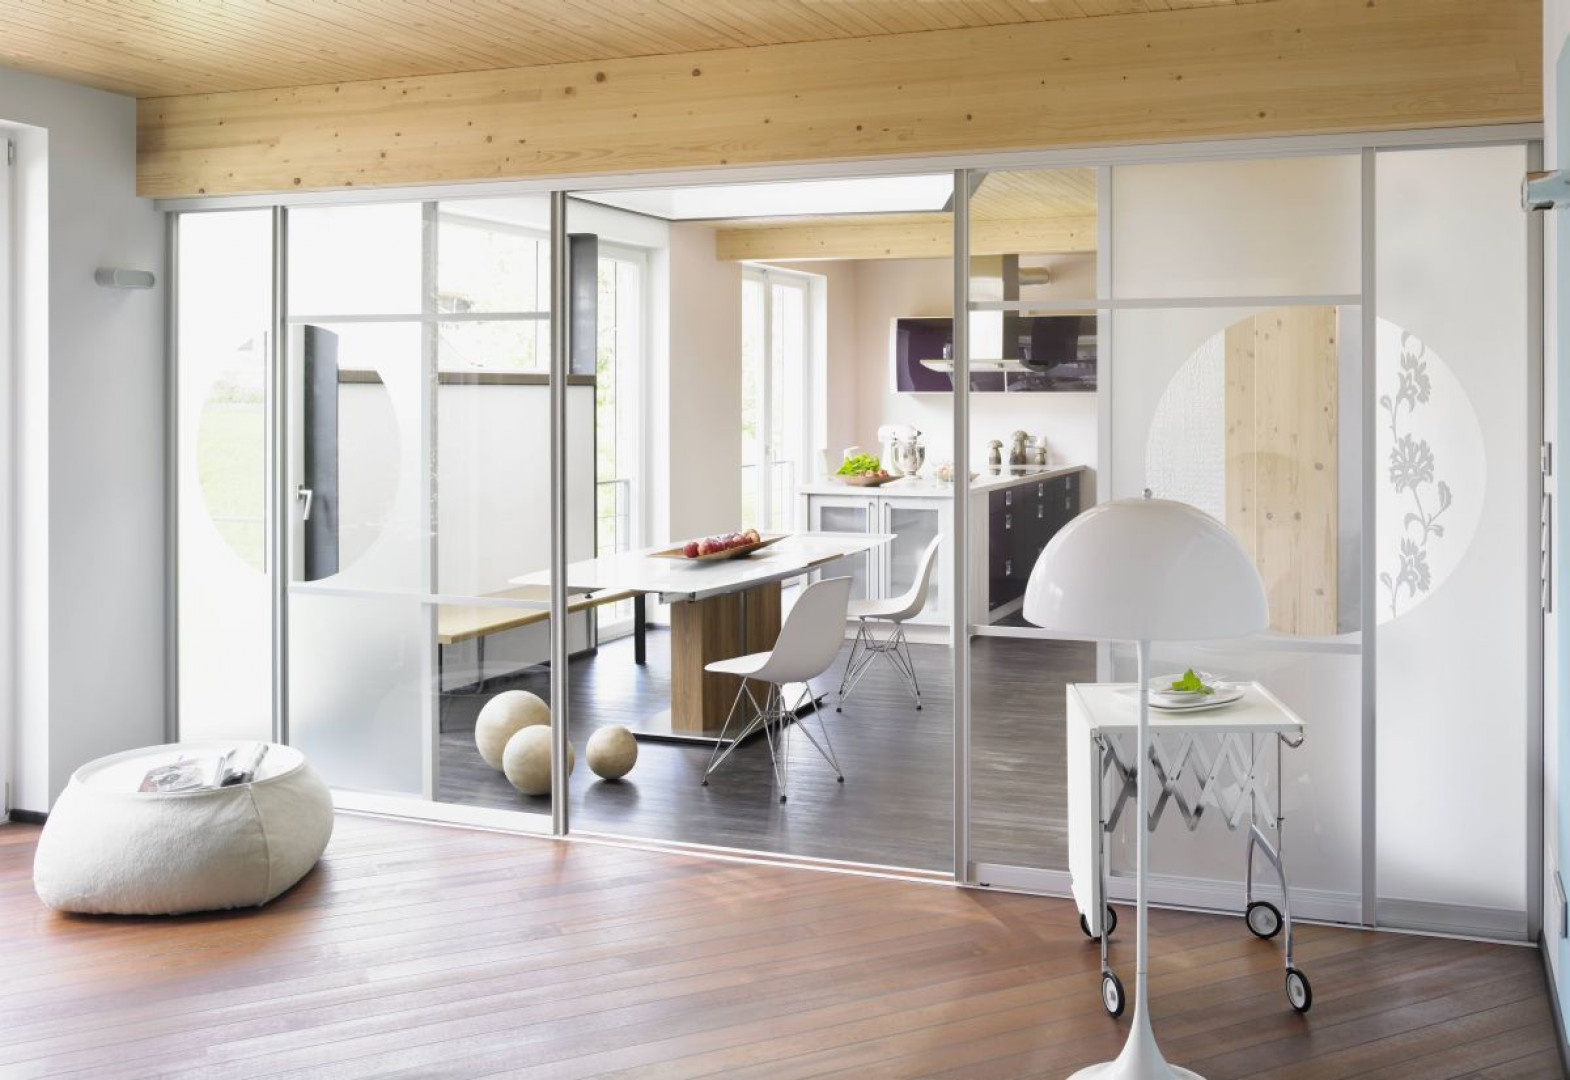 Szklane drzwi przesuwne mogą rozdzielać pomieszczenia. Fot. Raumplus